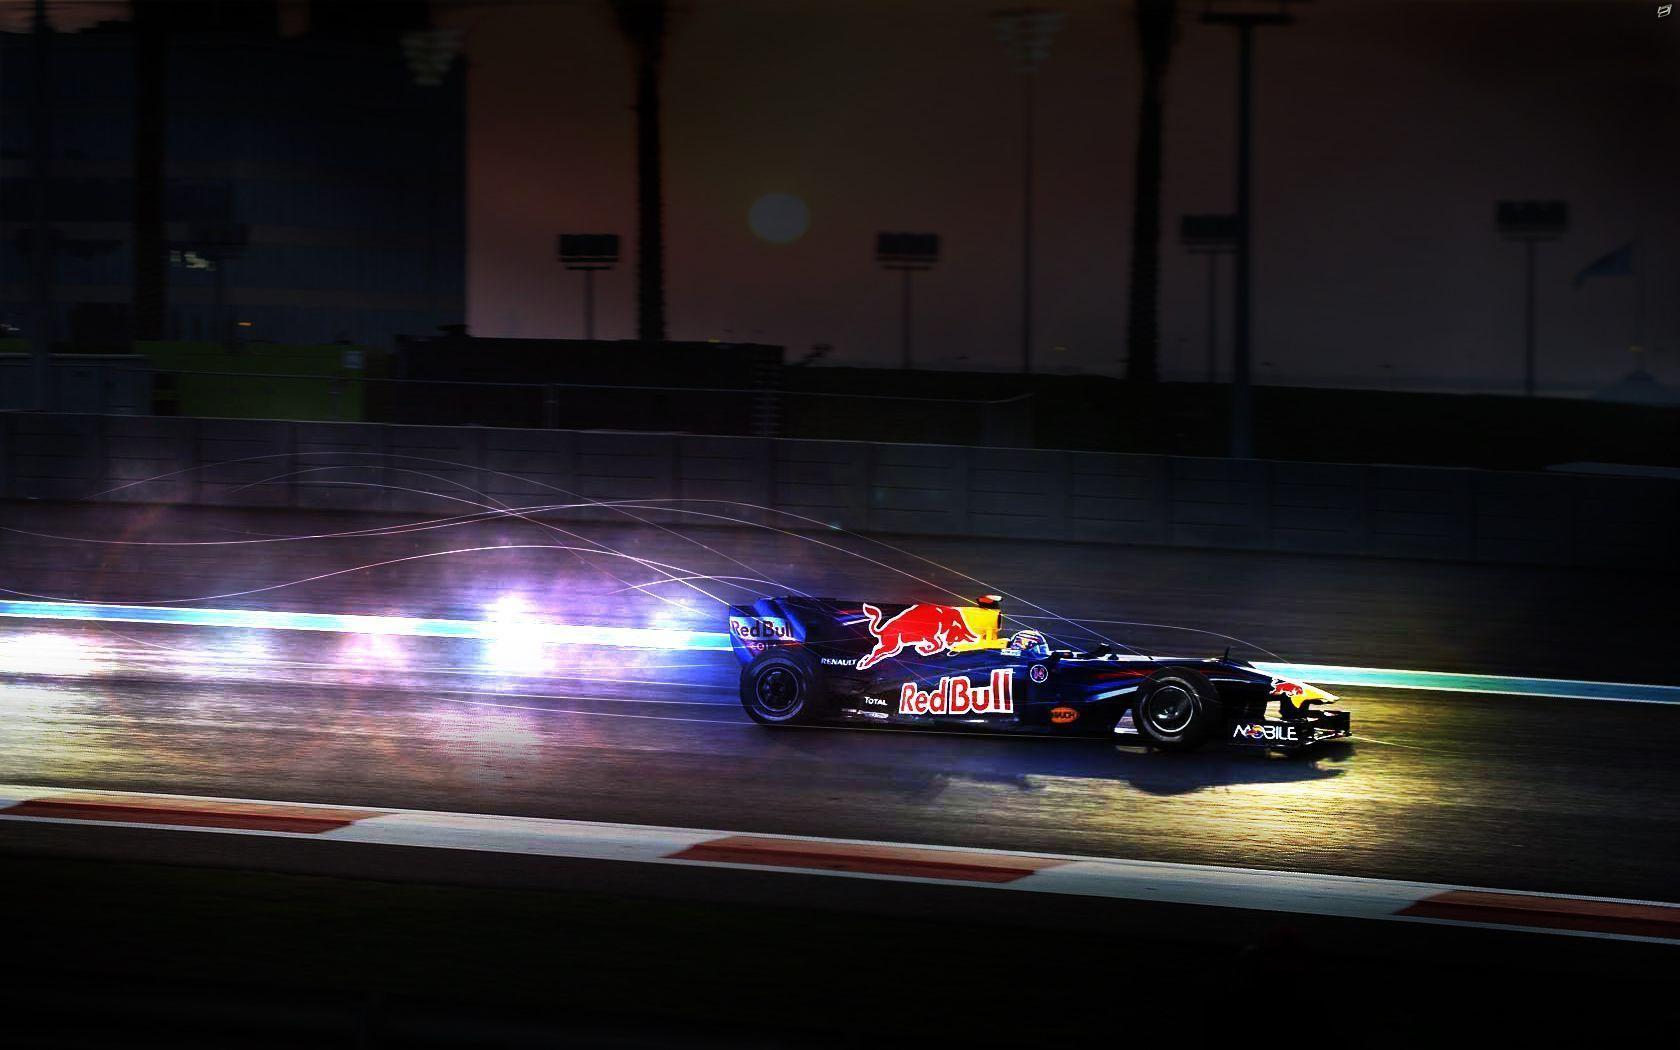 Red Bull Racing Wallpapers